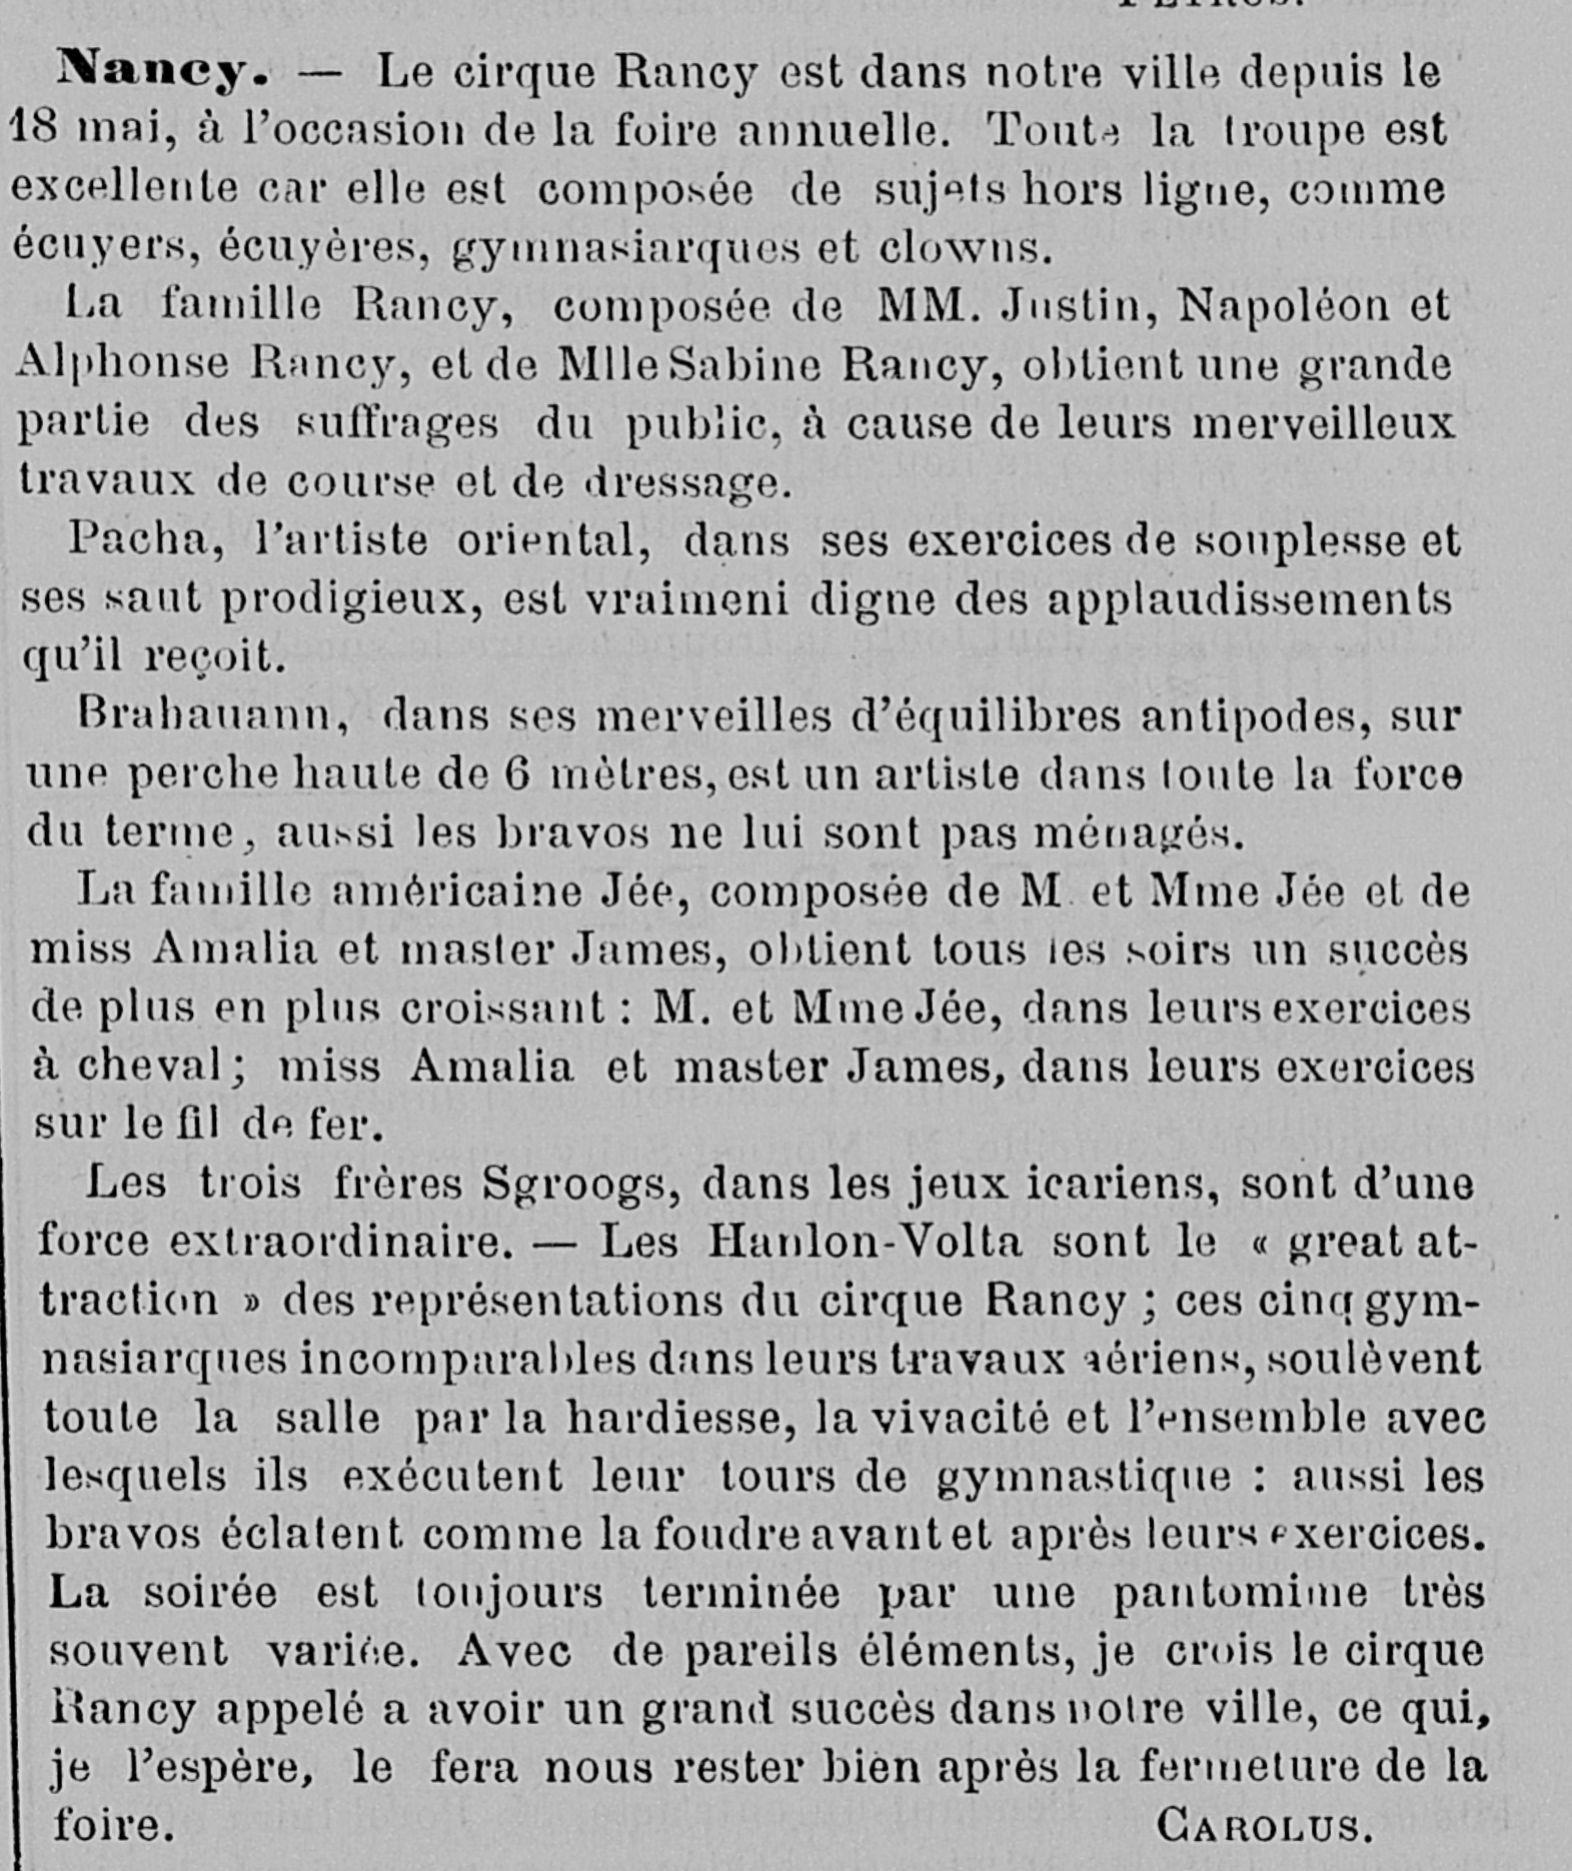 L'Officiel-Artiste - 29 Mai 1884